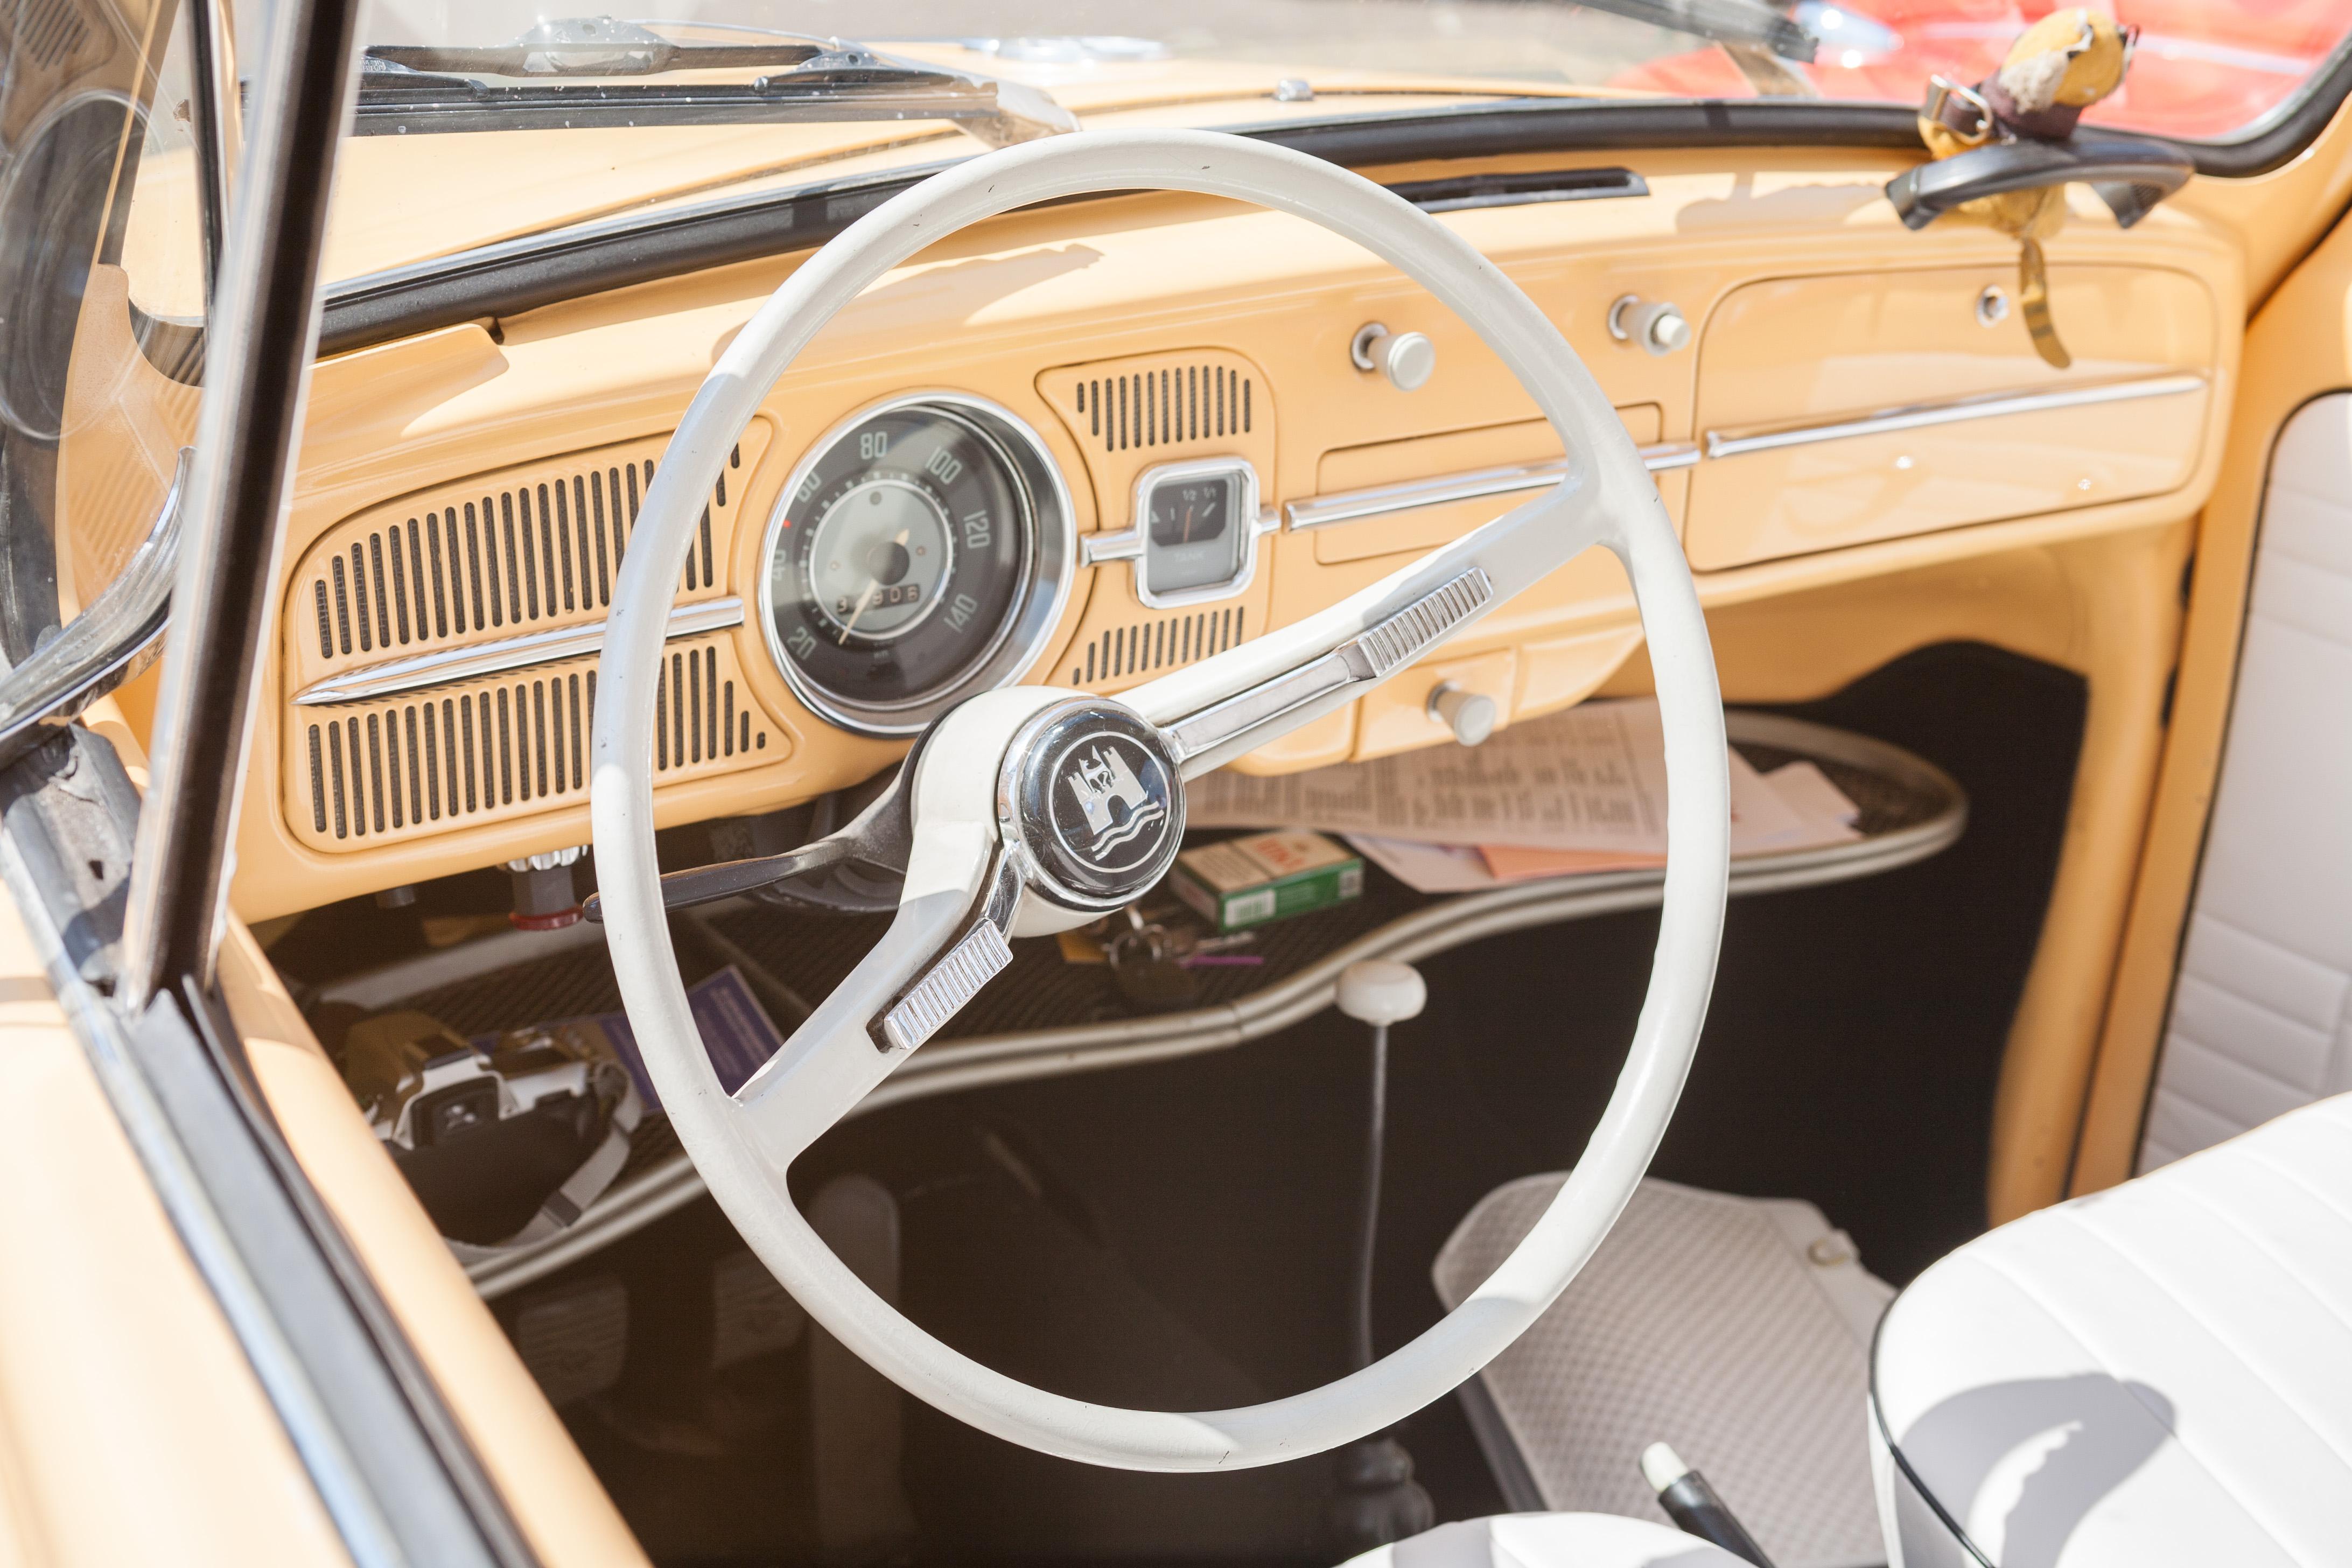 File:2007-07-15 Lenkrad und Armaturenbrett eines VW Käfers (VW Typ